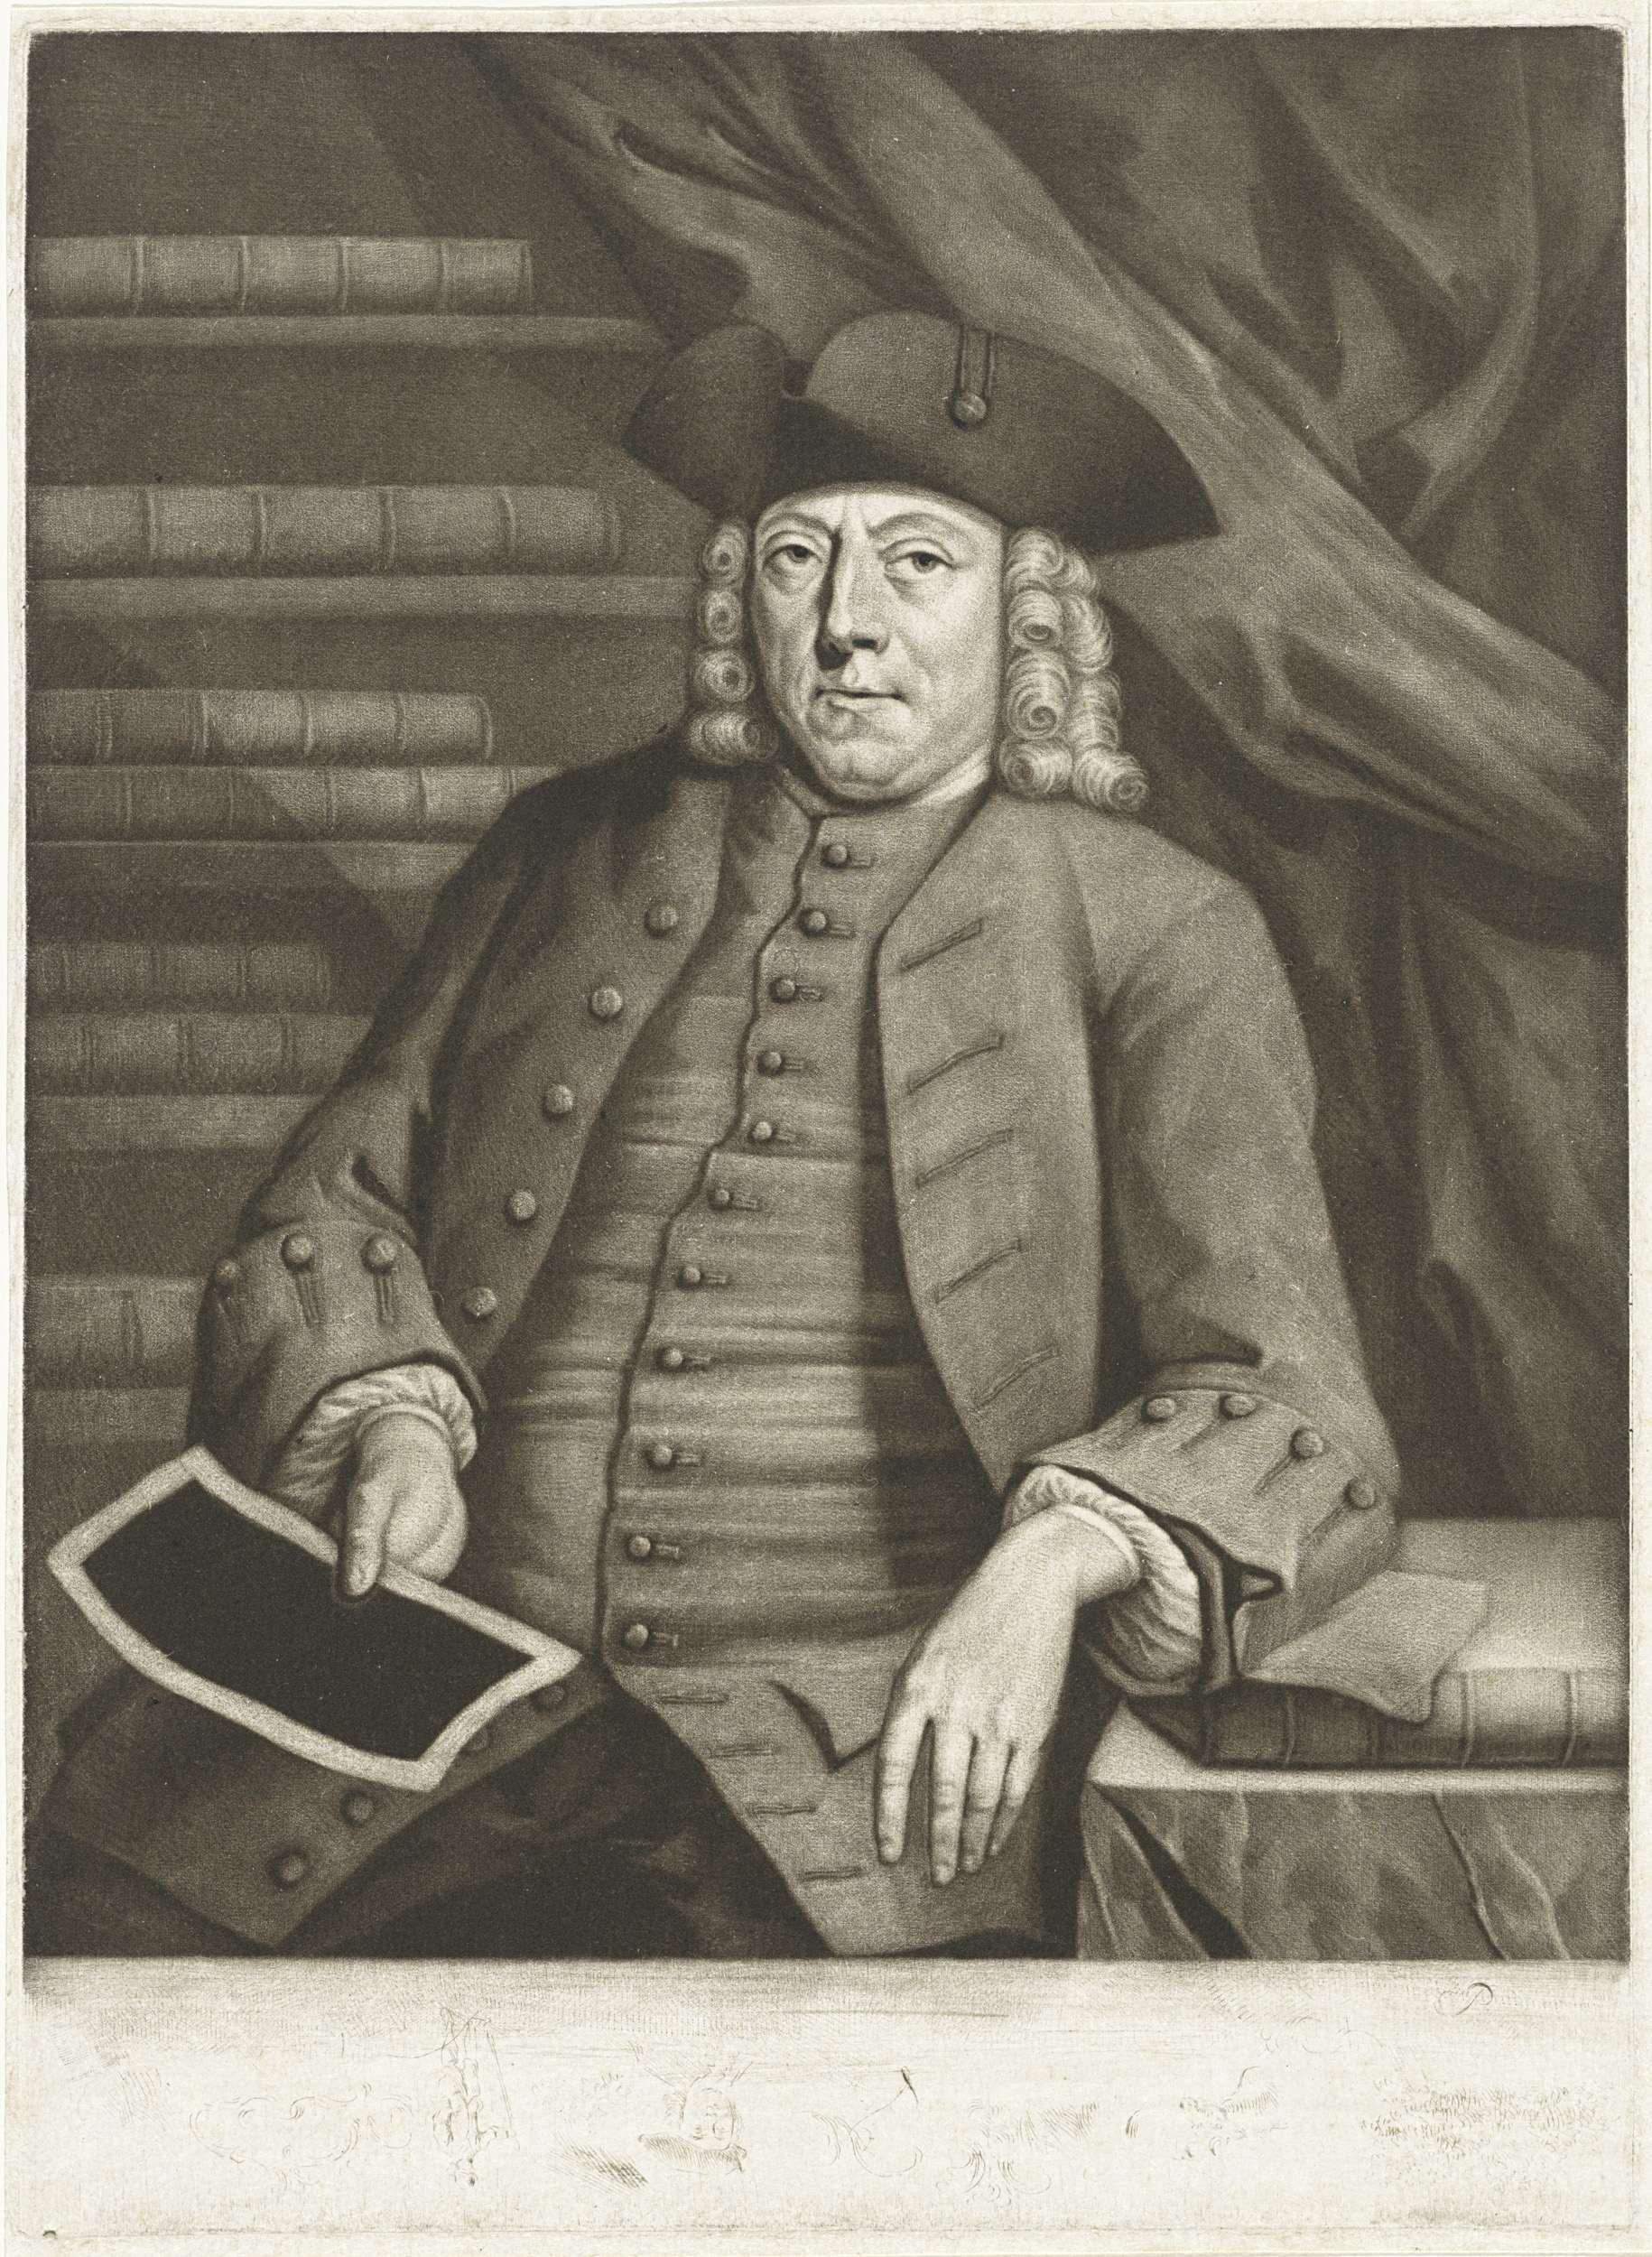 Pieter Louw | Portret van Hendrik Busserus, Pieter Louw, 1743 - 1772 | De kunstverzamelaar en graveur Hendrik Busserus met in de hand een prent. Hij zit naast een tafel voor een geopende kunstkast.